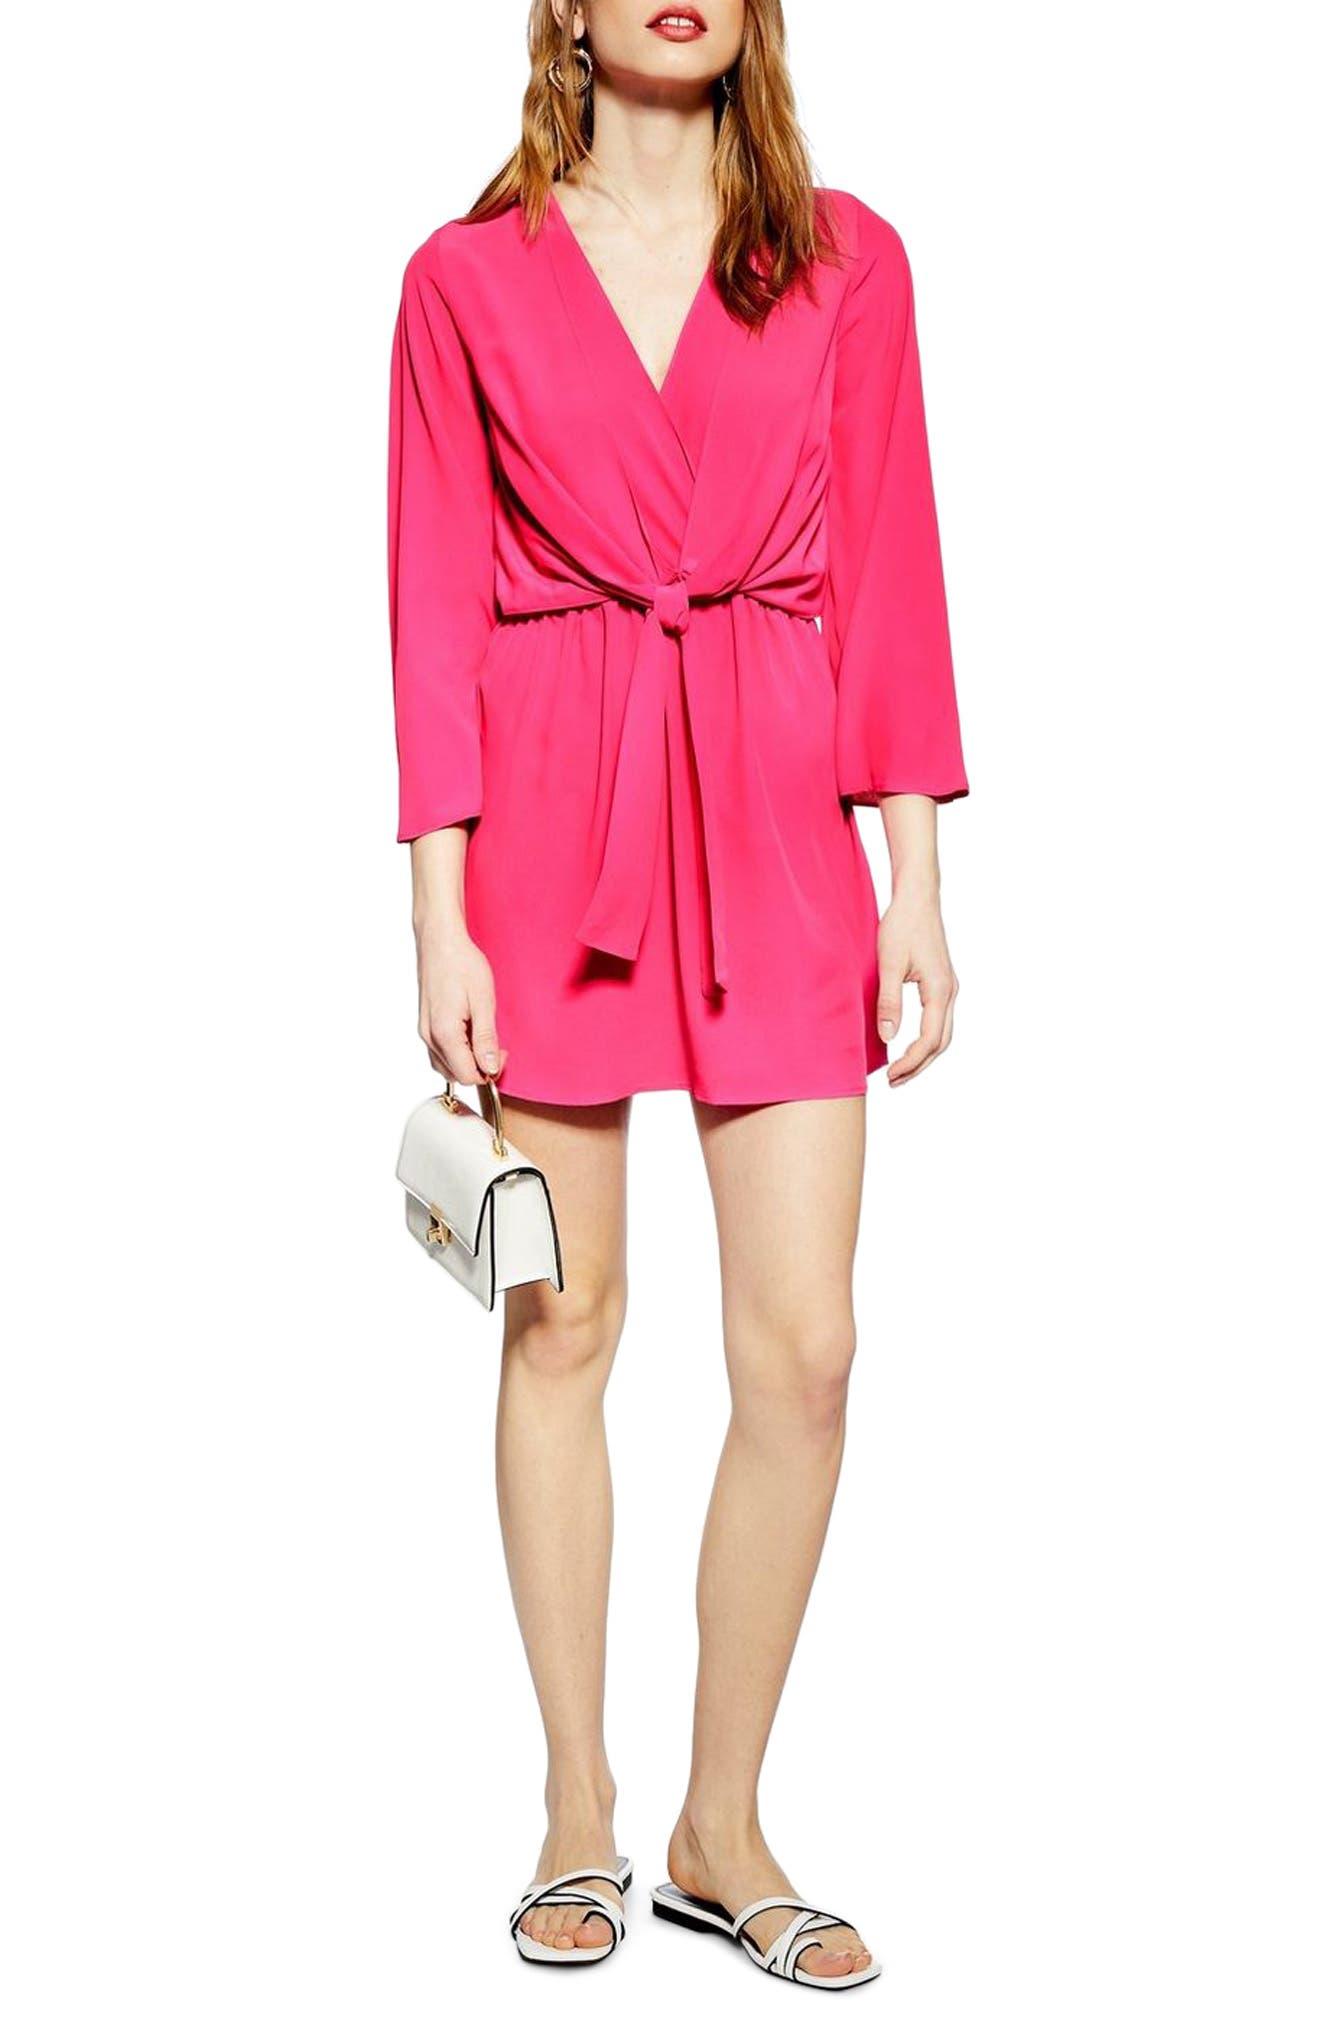 Topshop Tiffany Knot Minidress, US (fits like 0) - Pink